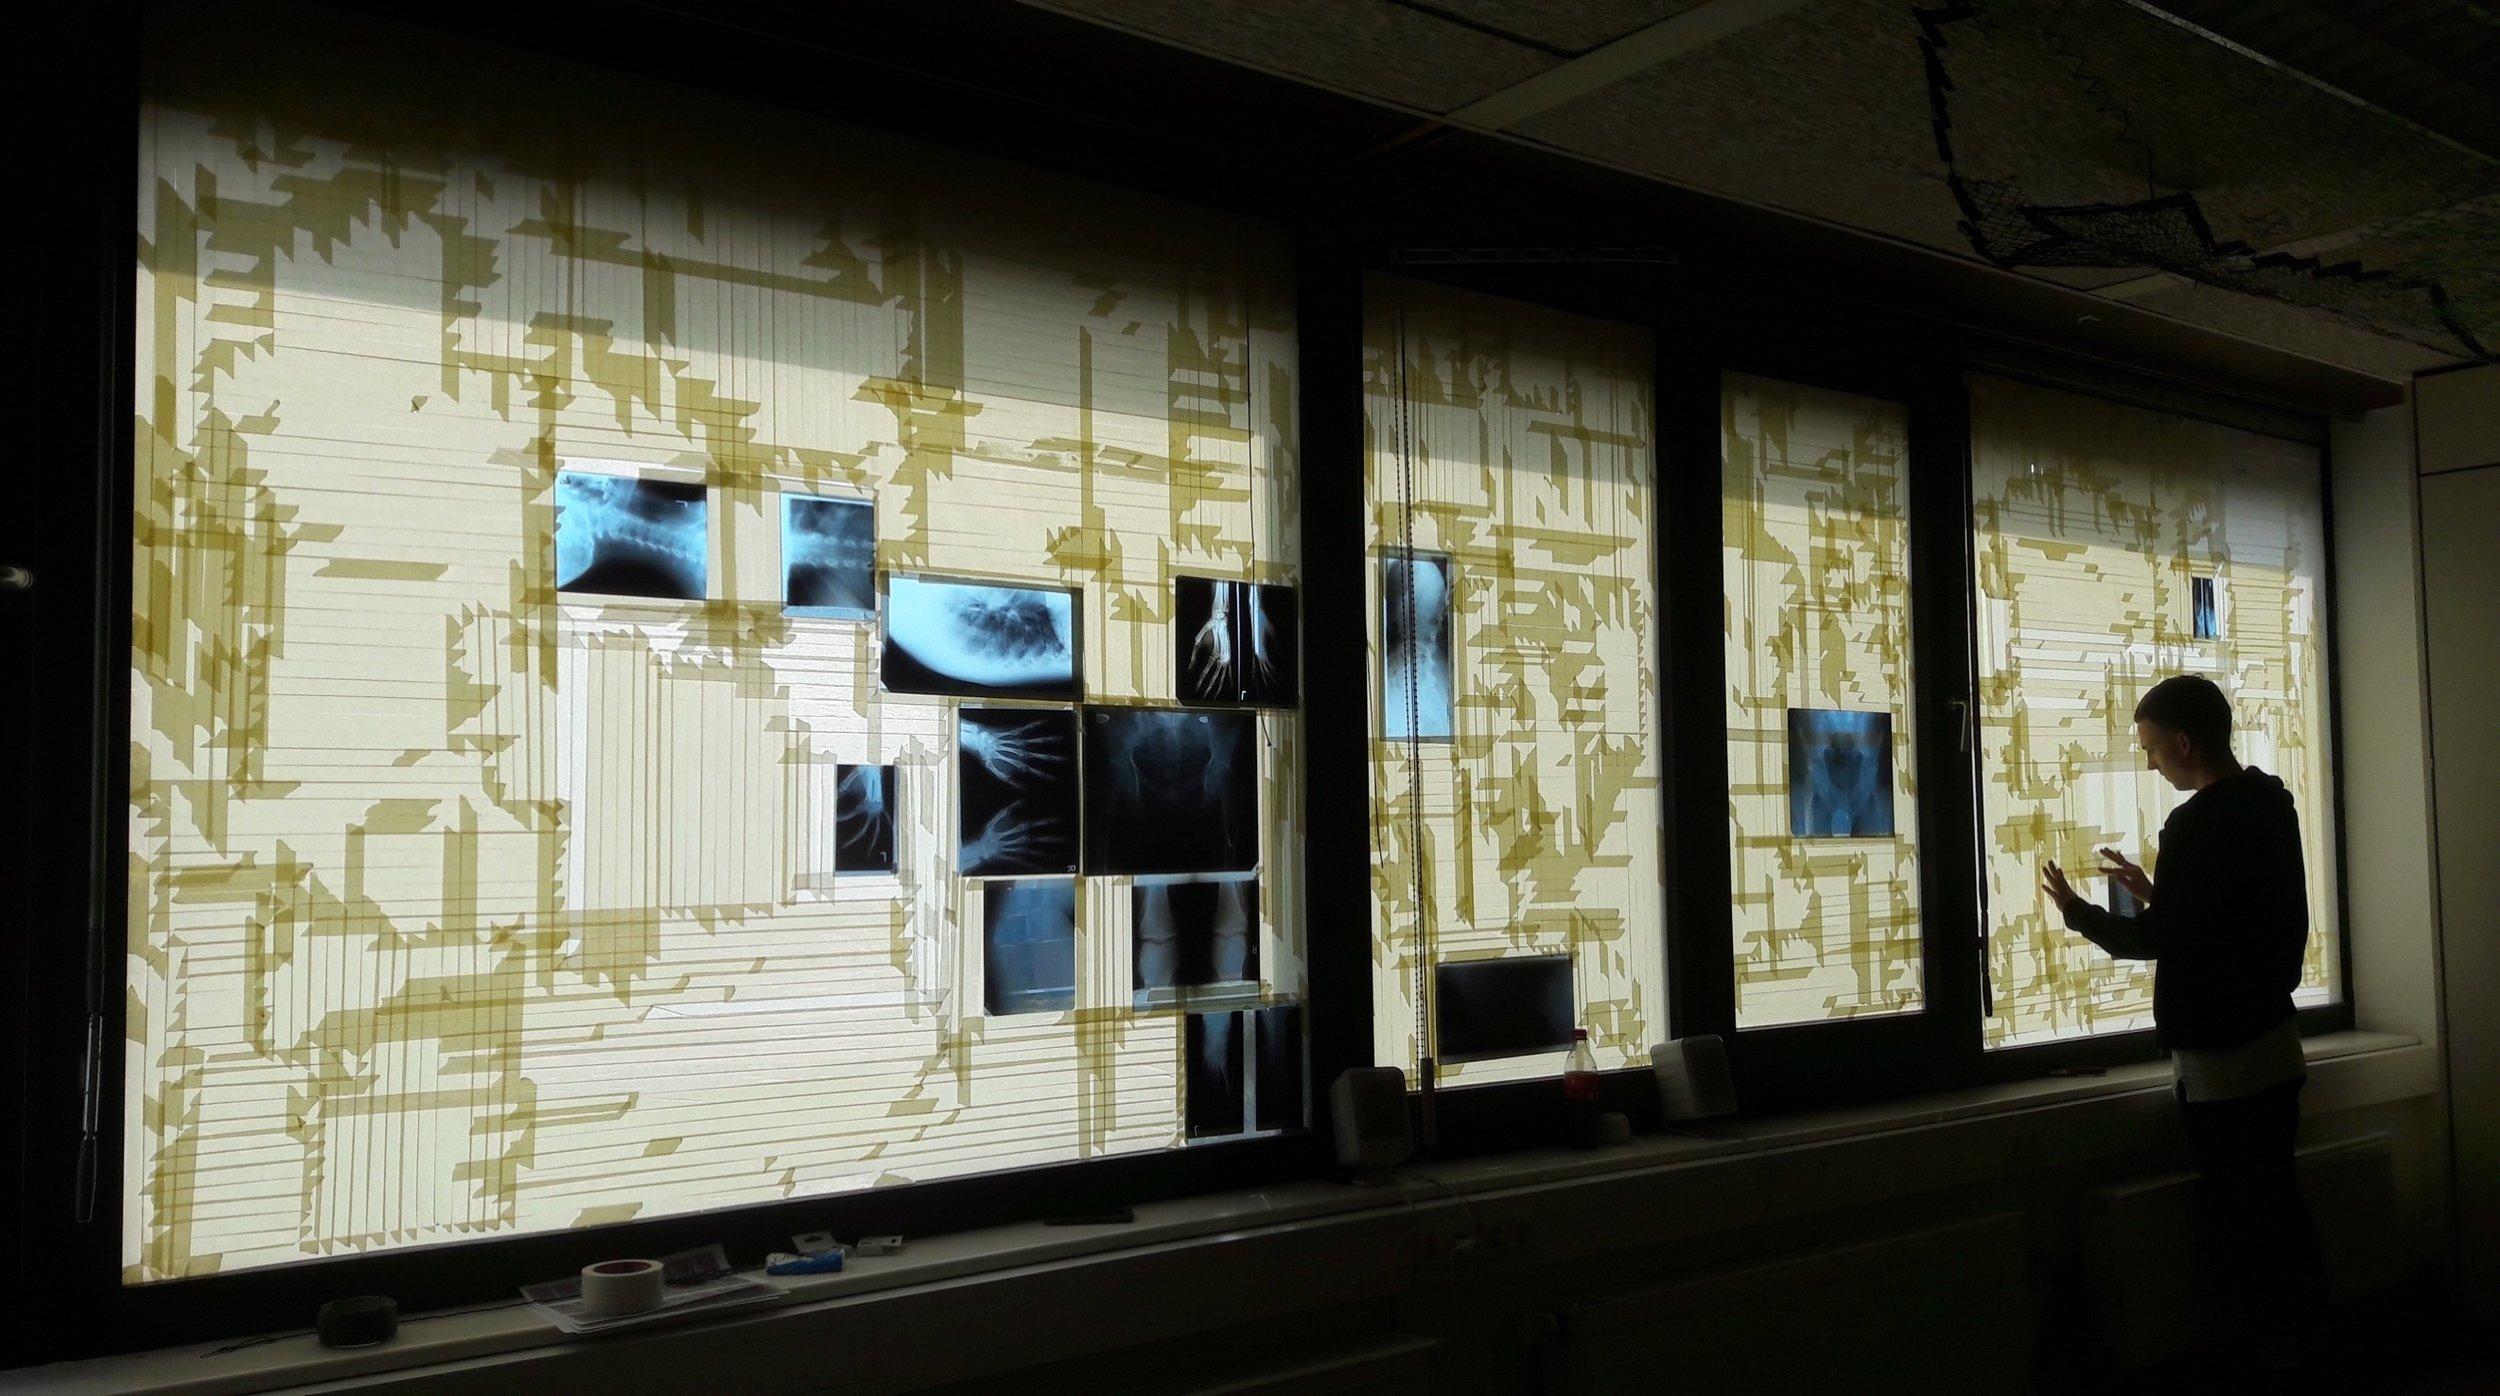 Adam Franz Winter, Ohne Titel, Kreppband, Röntgenbilder auf Fenster